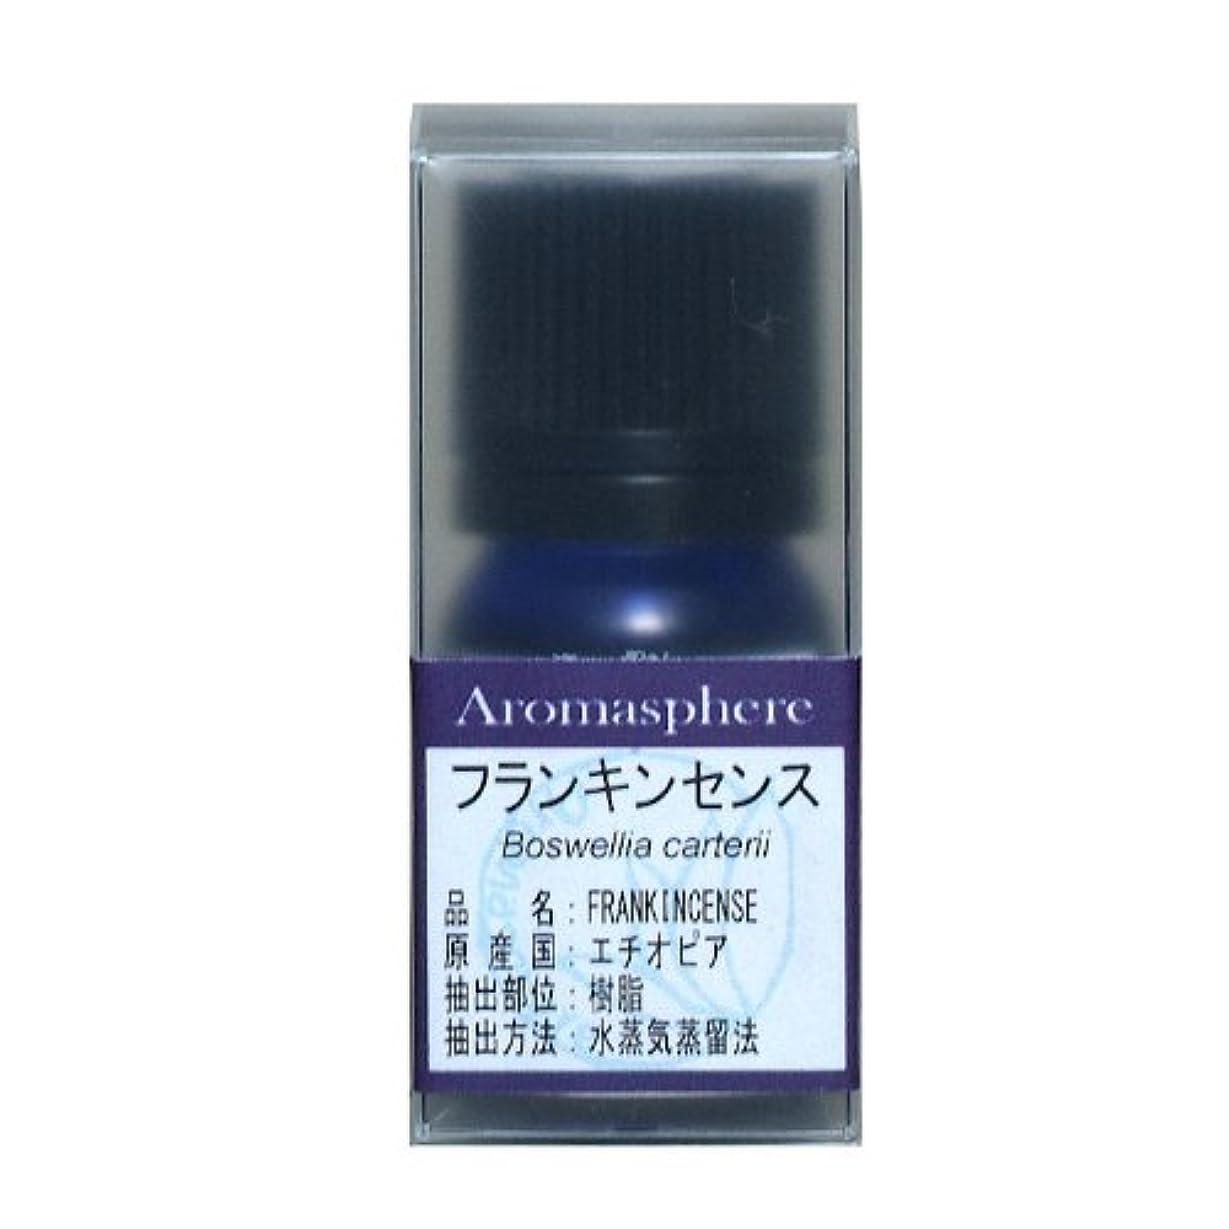 欺く寝る賛美歌【アロマスフィア】フランキンセンス 5ml エッセンシャルオイル(精油)